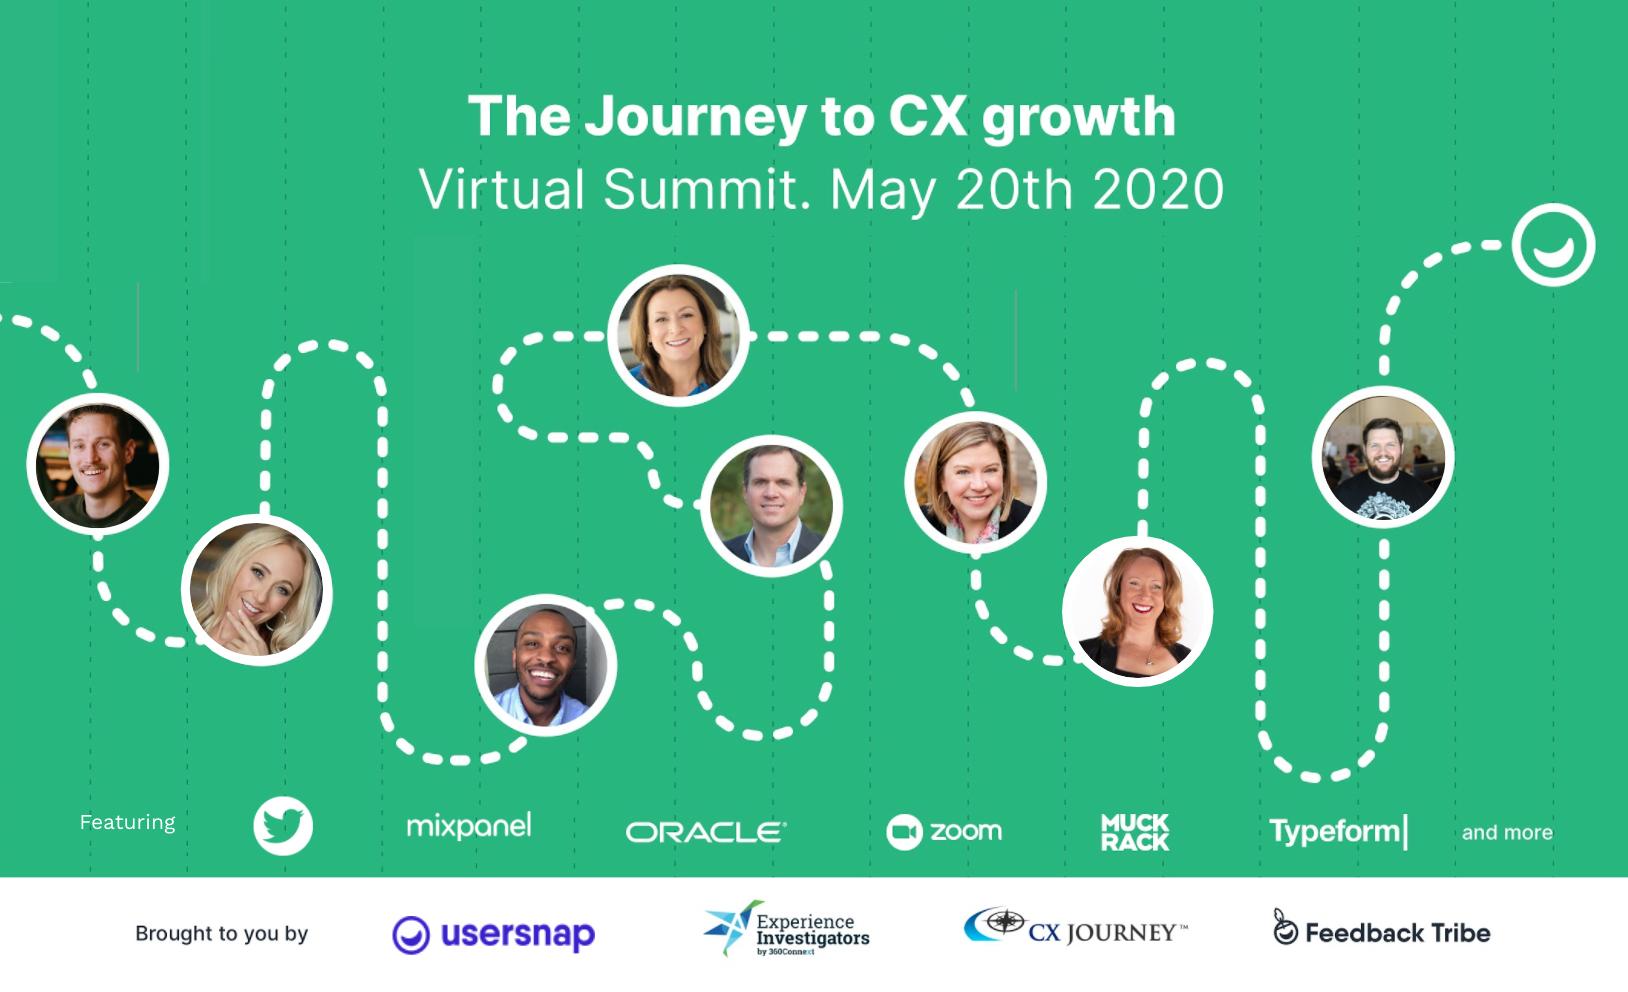 Virtual Summit Usersnap Social